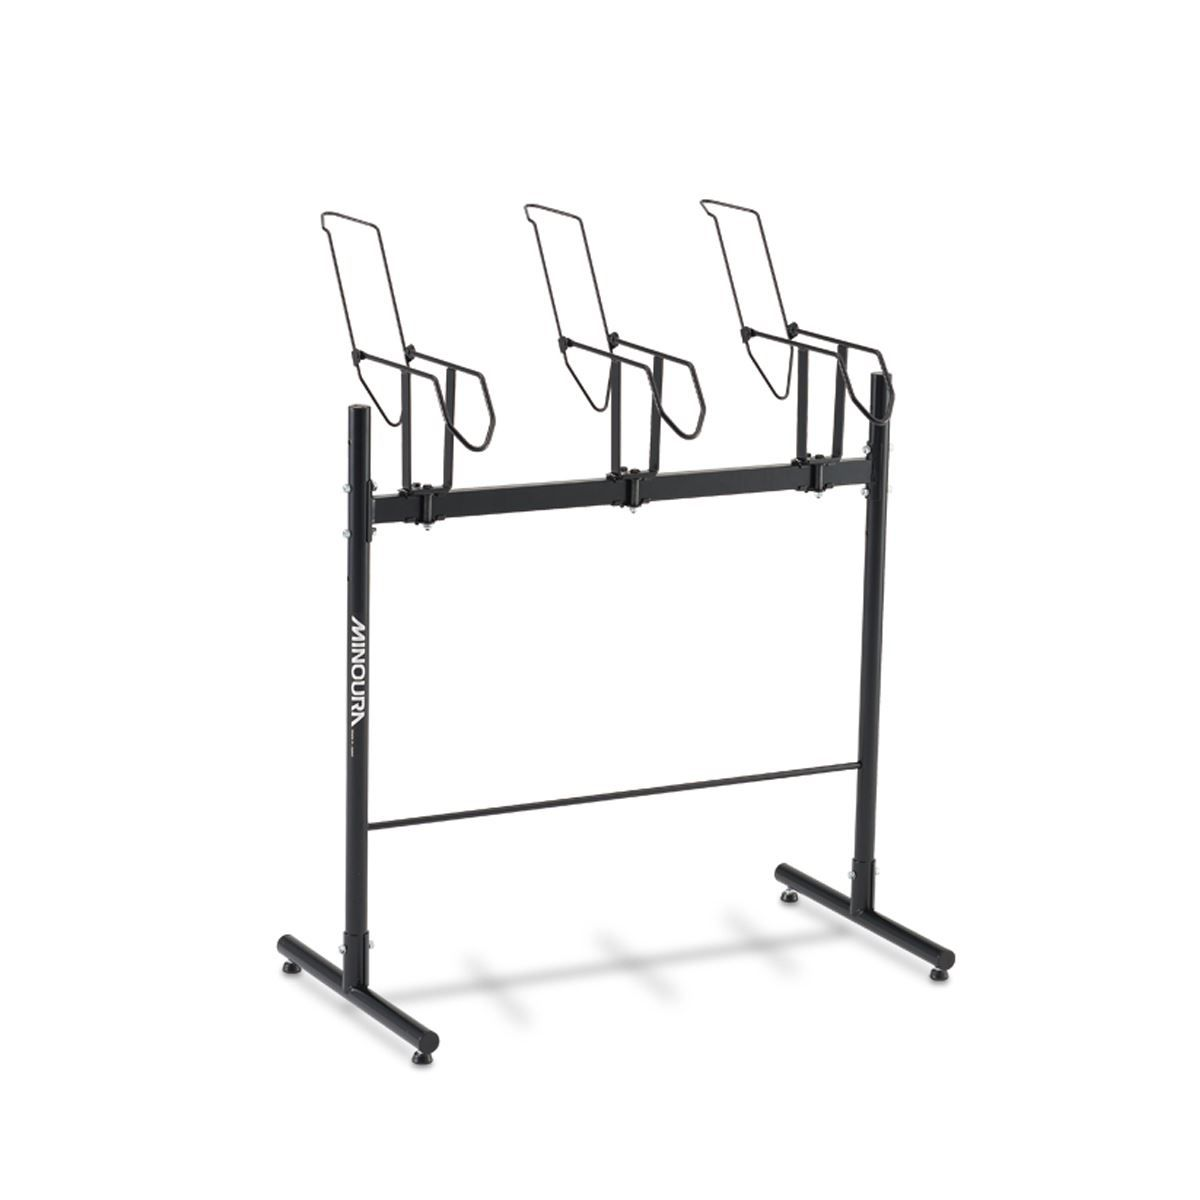 Minoura Ds-4200 3 Bike Upright Stand: